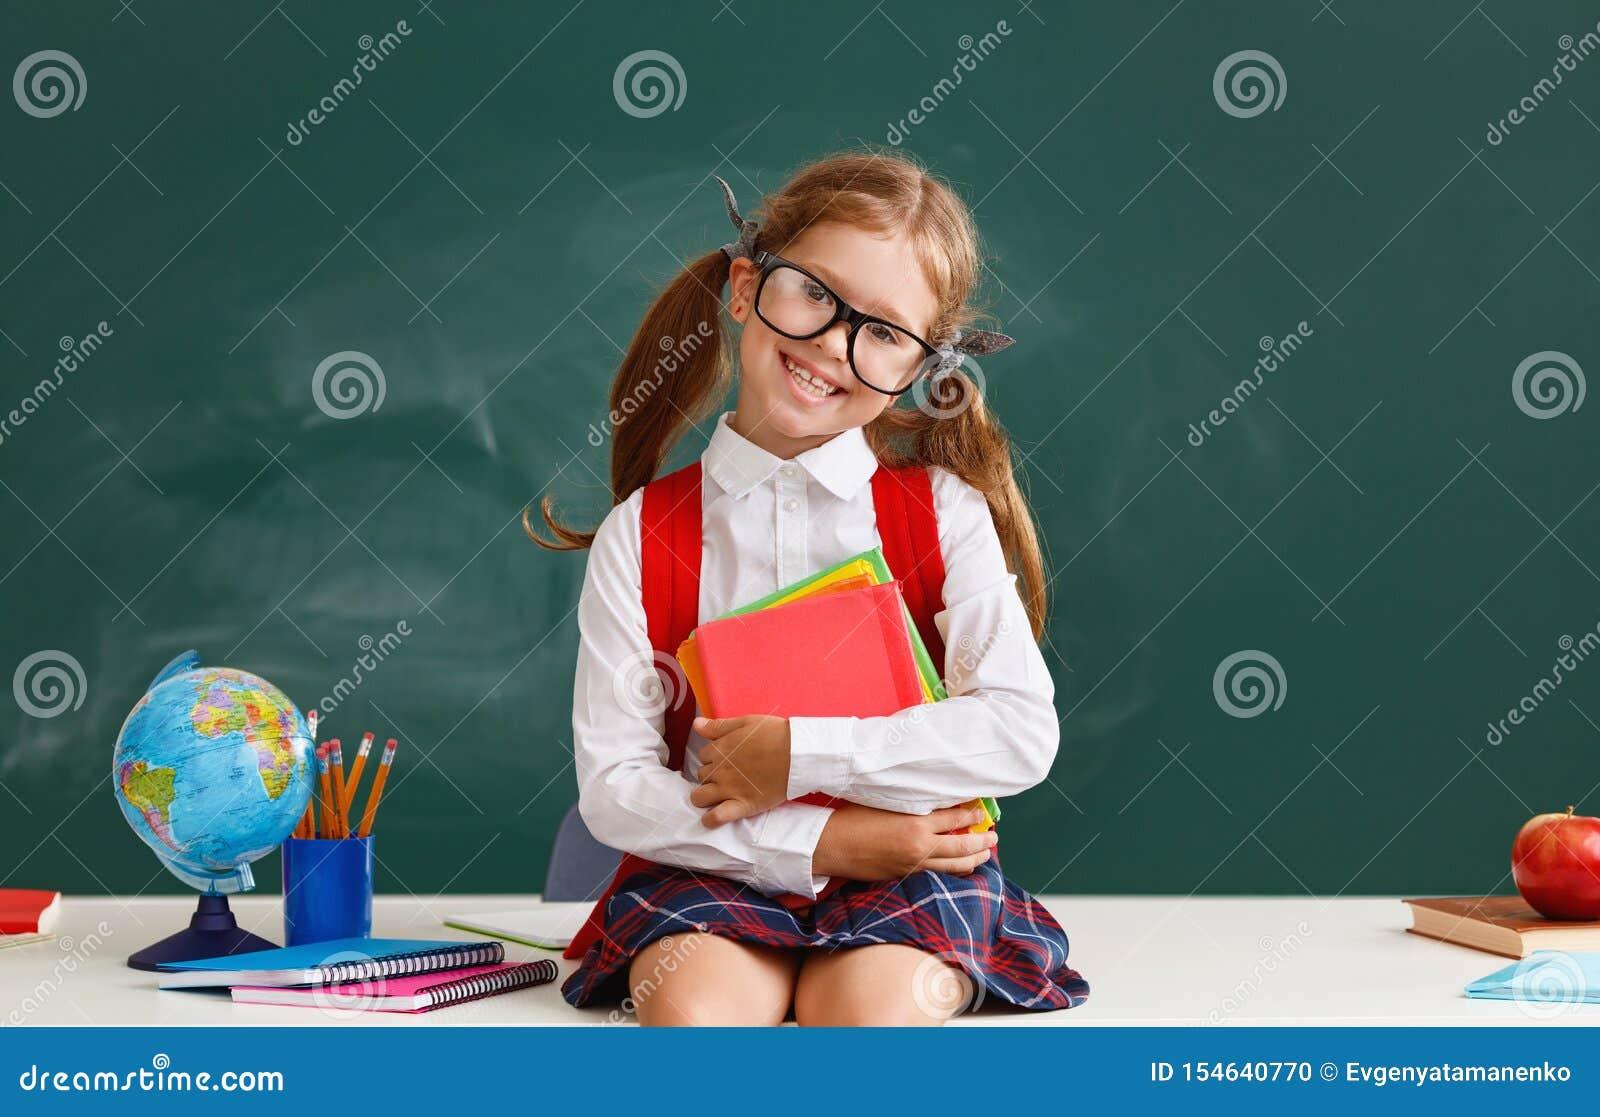 Estudiante divertida de la colegiala del niño sobre la pizarra de la escuela